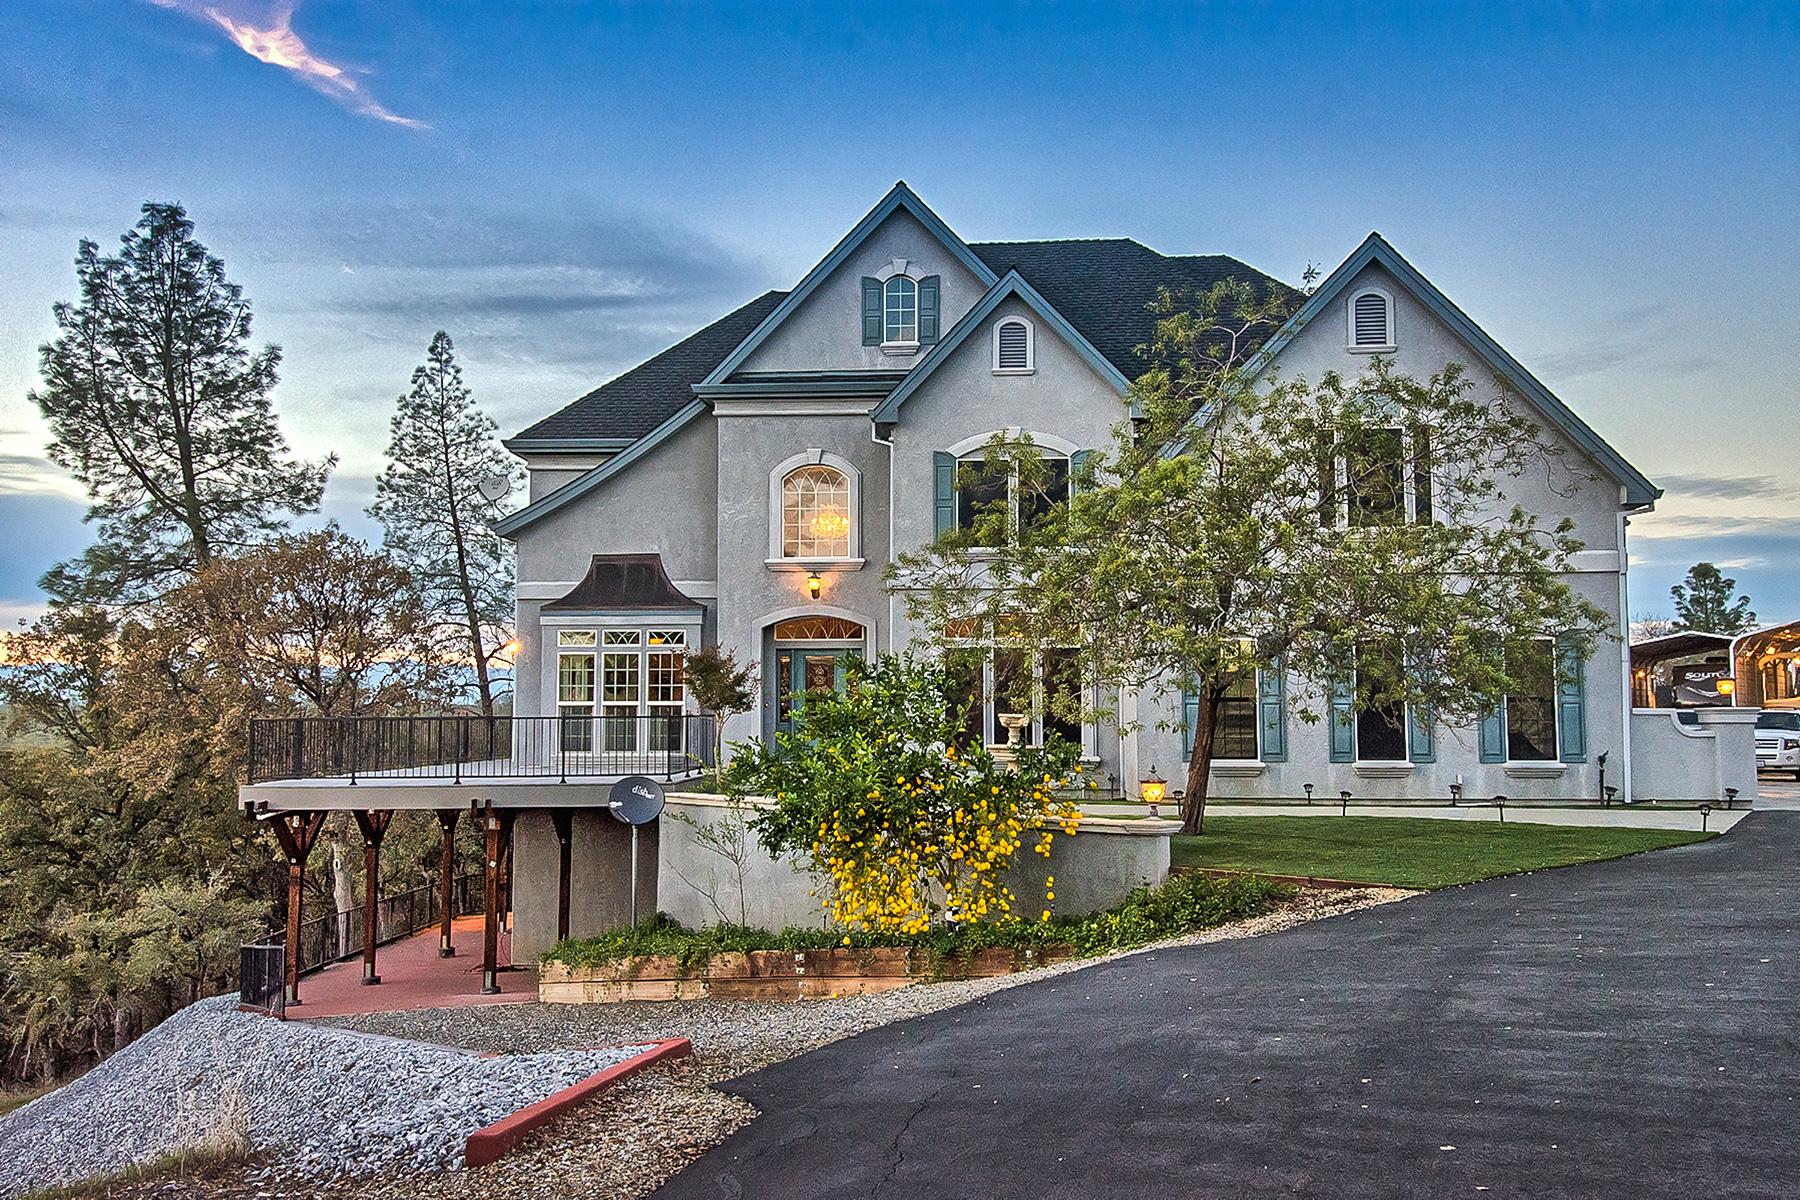 Частный односемейный дом для того Продажа на 17465 Quail Ridge RD, Cottonwood, CA 96022 17465 Quail Ridge RD Cottonwood, 96022 Соединенные Штаты